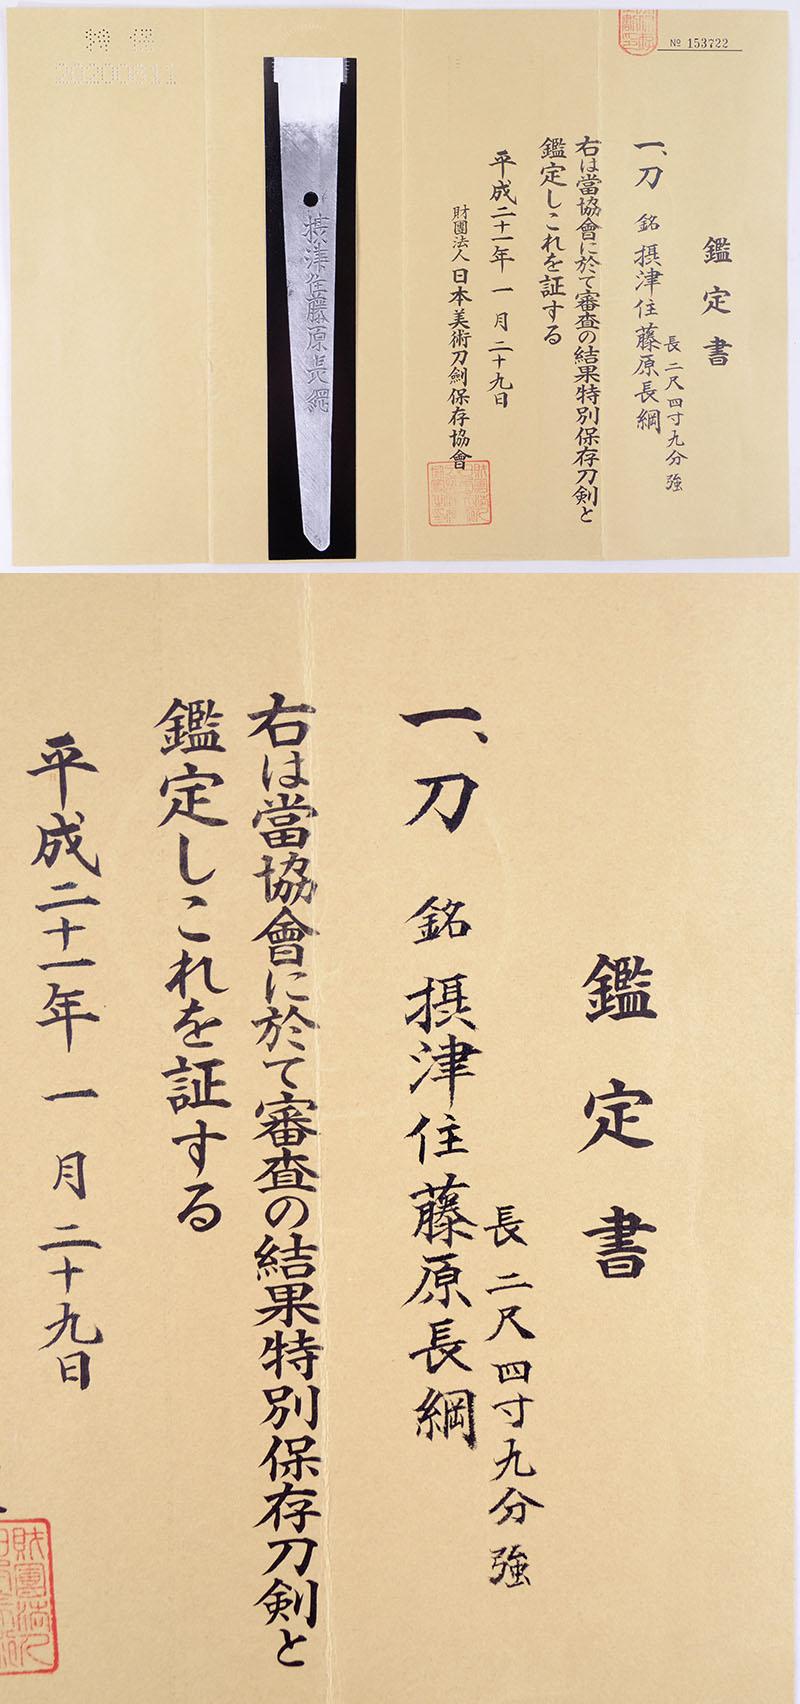 摂津住藤原長綱 Picture of Certificate